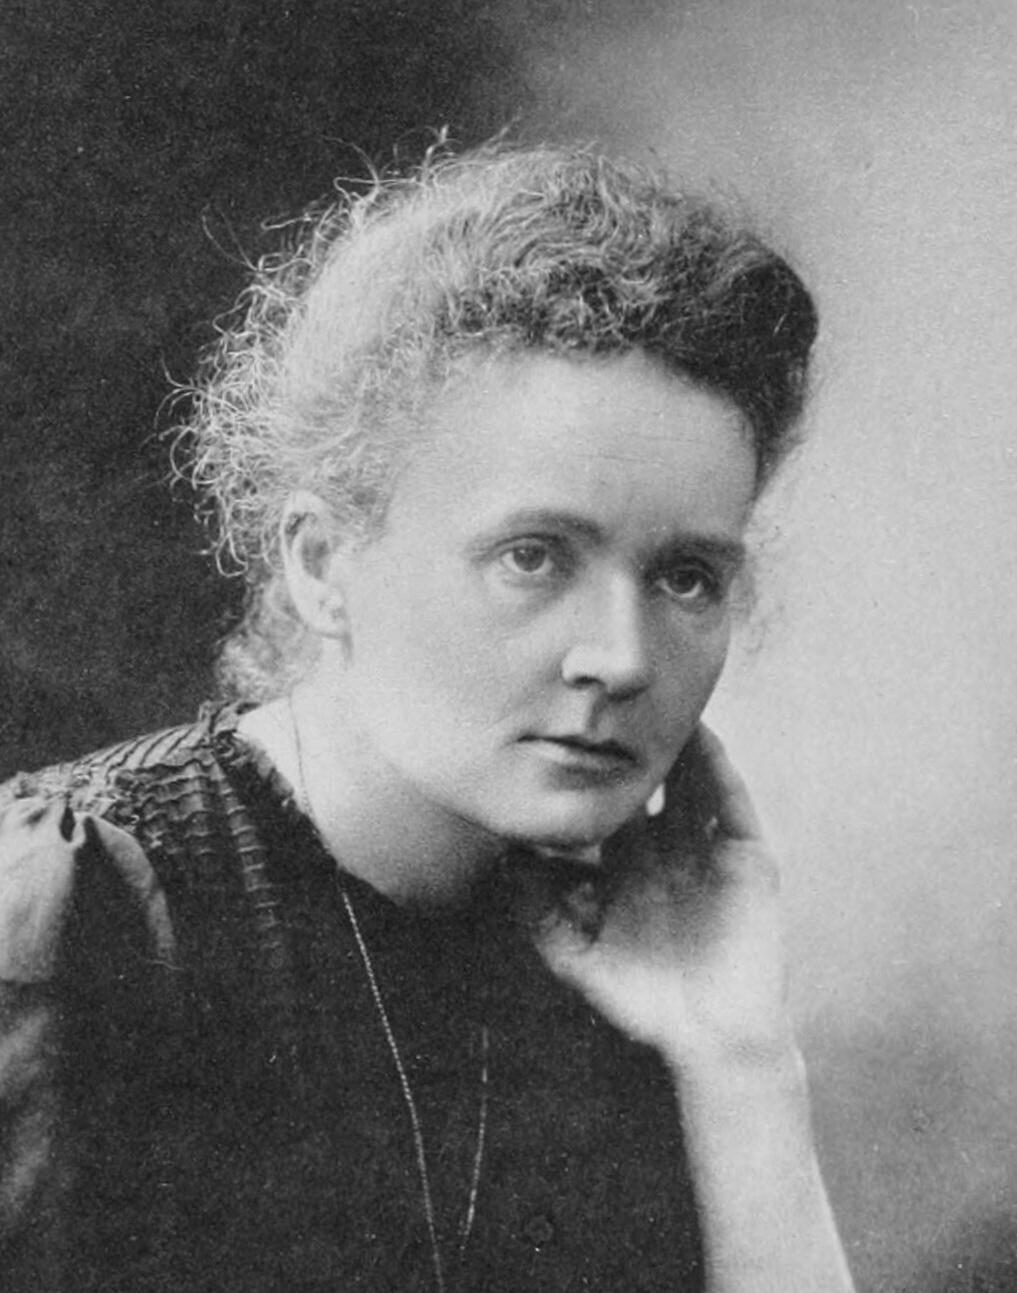 Curie, Marie, geb. Sklodowska